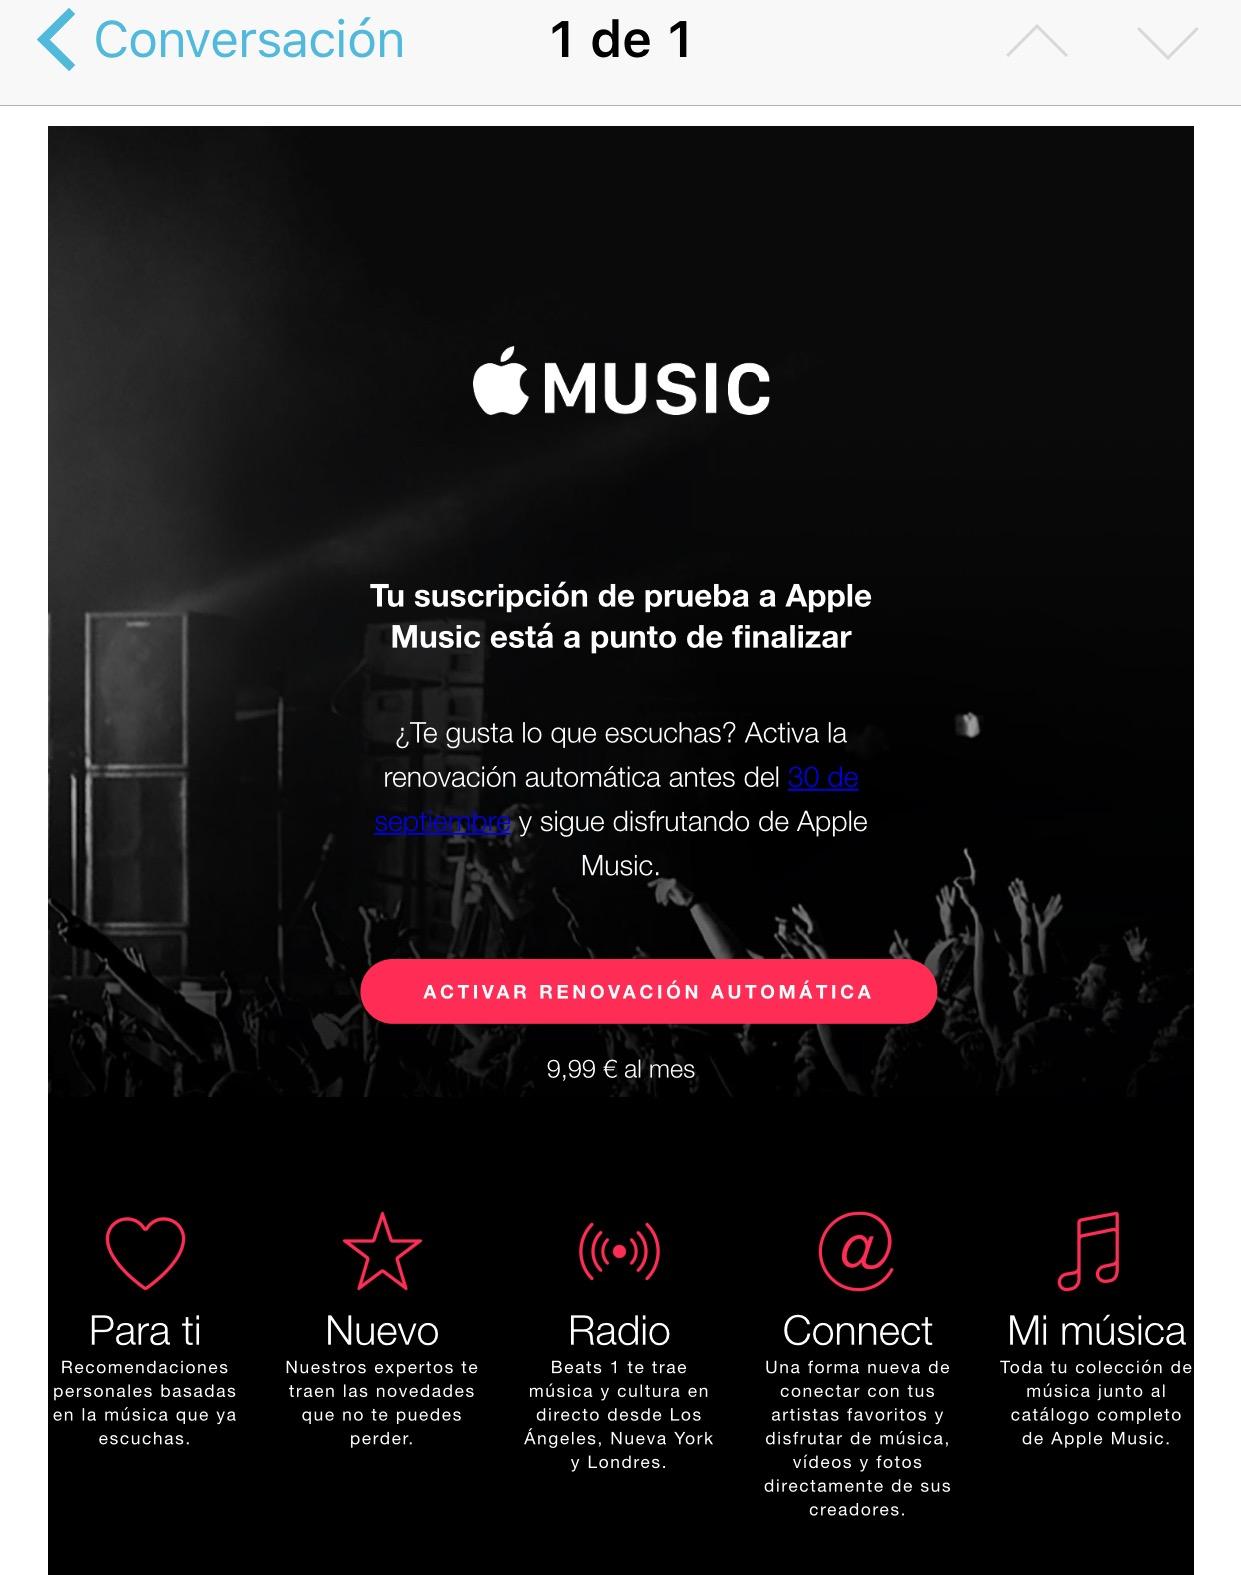 Email pidiendo mantener la suscripción a Apple Music